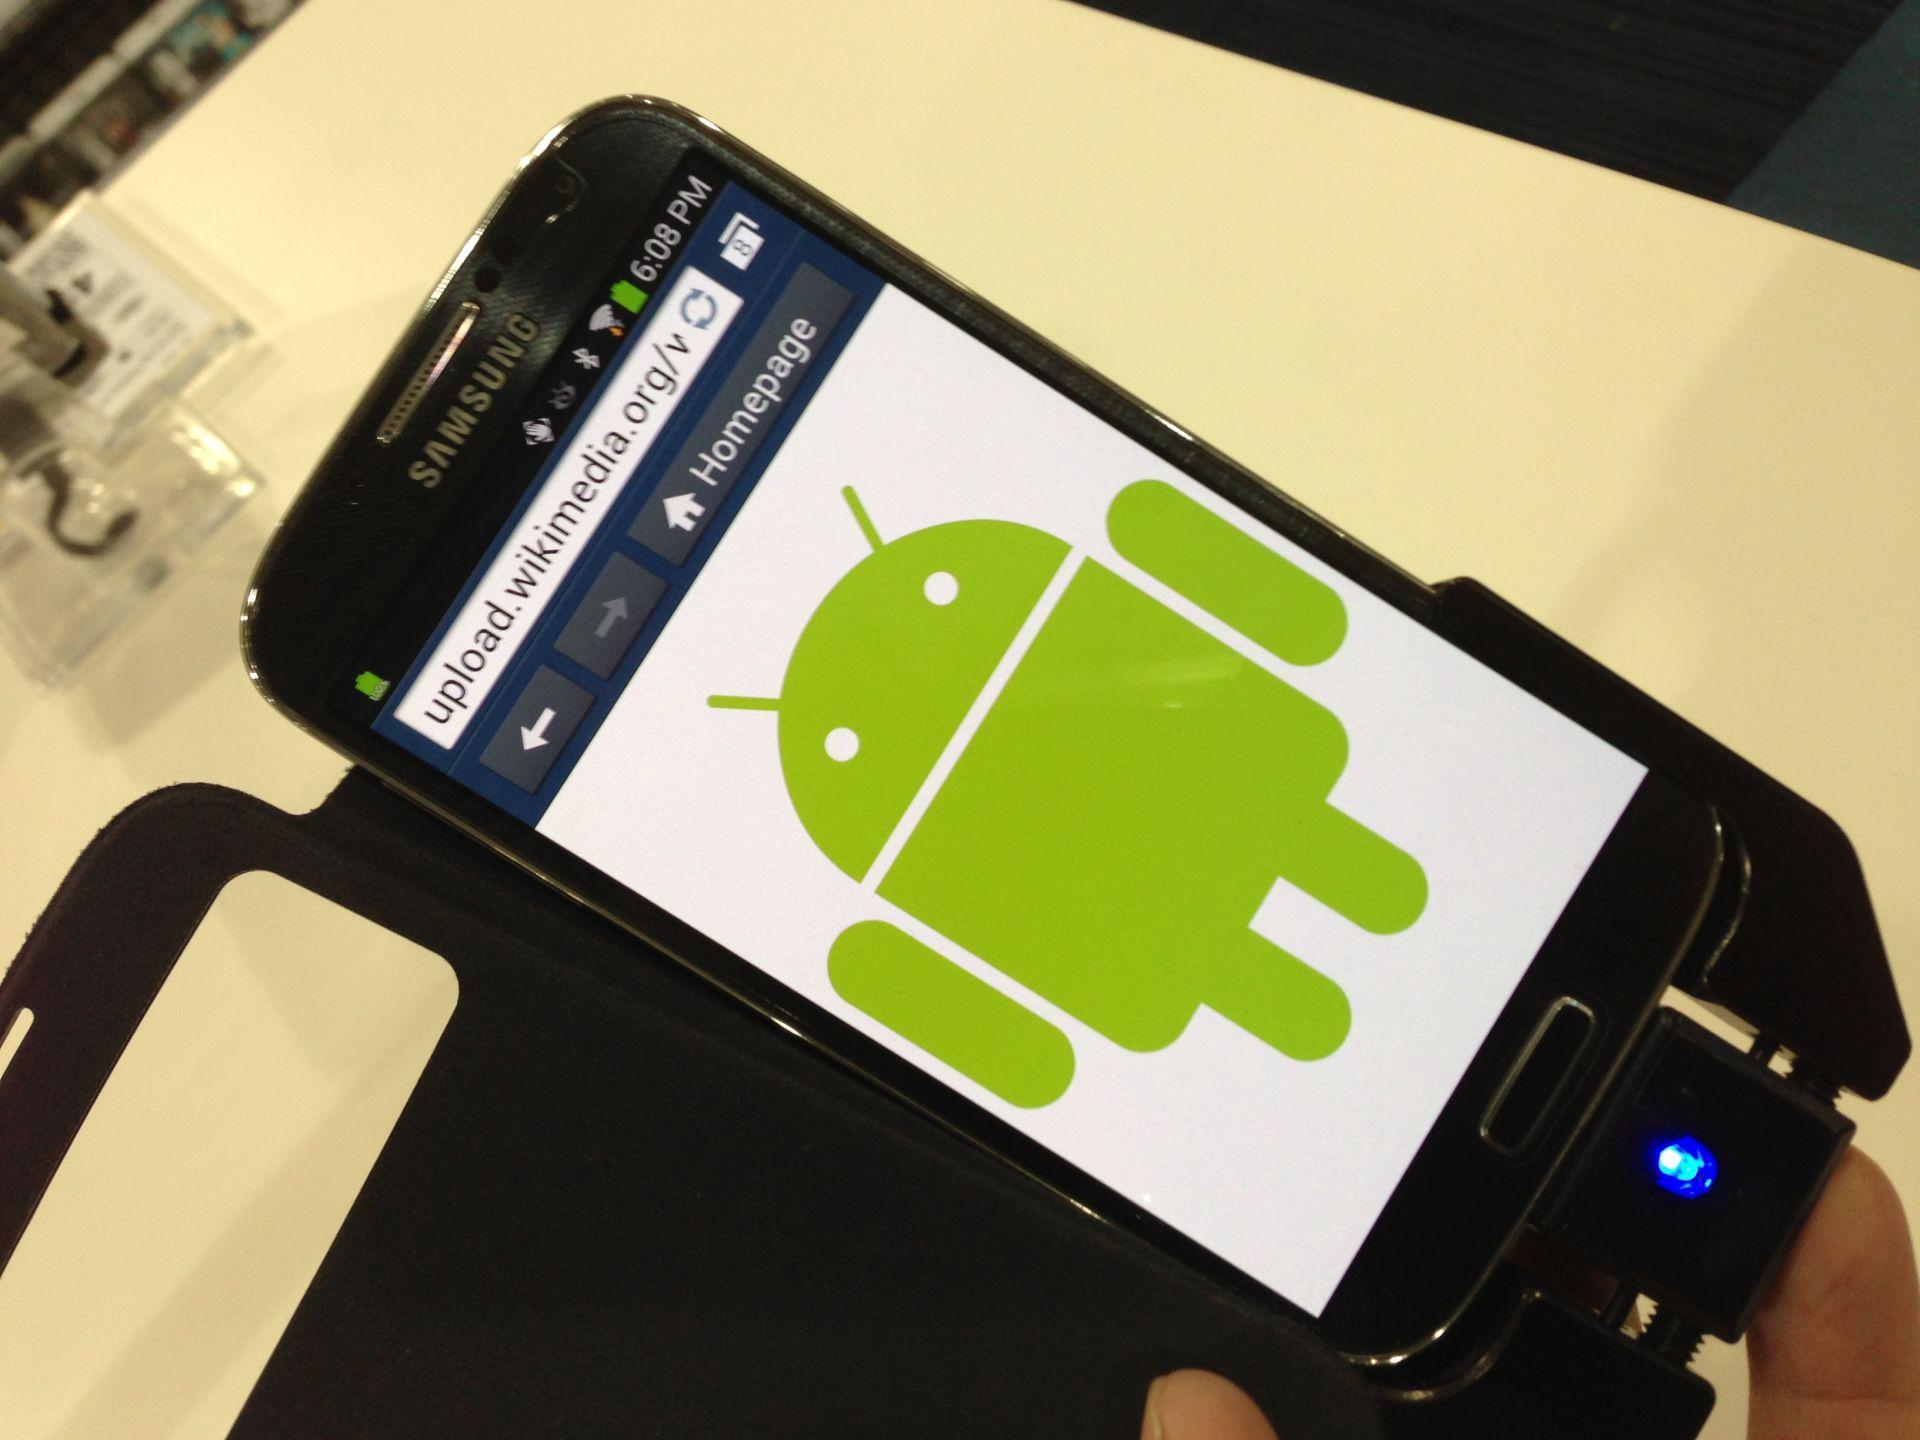 Les utilisateurs d'iPhone seraient moins bons amants que ceux d'Android